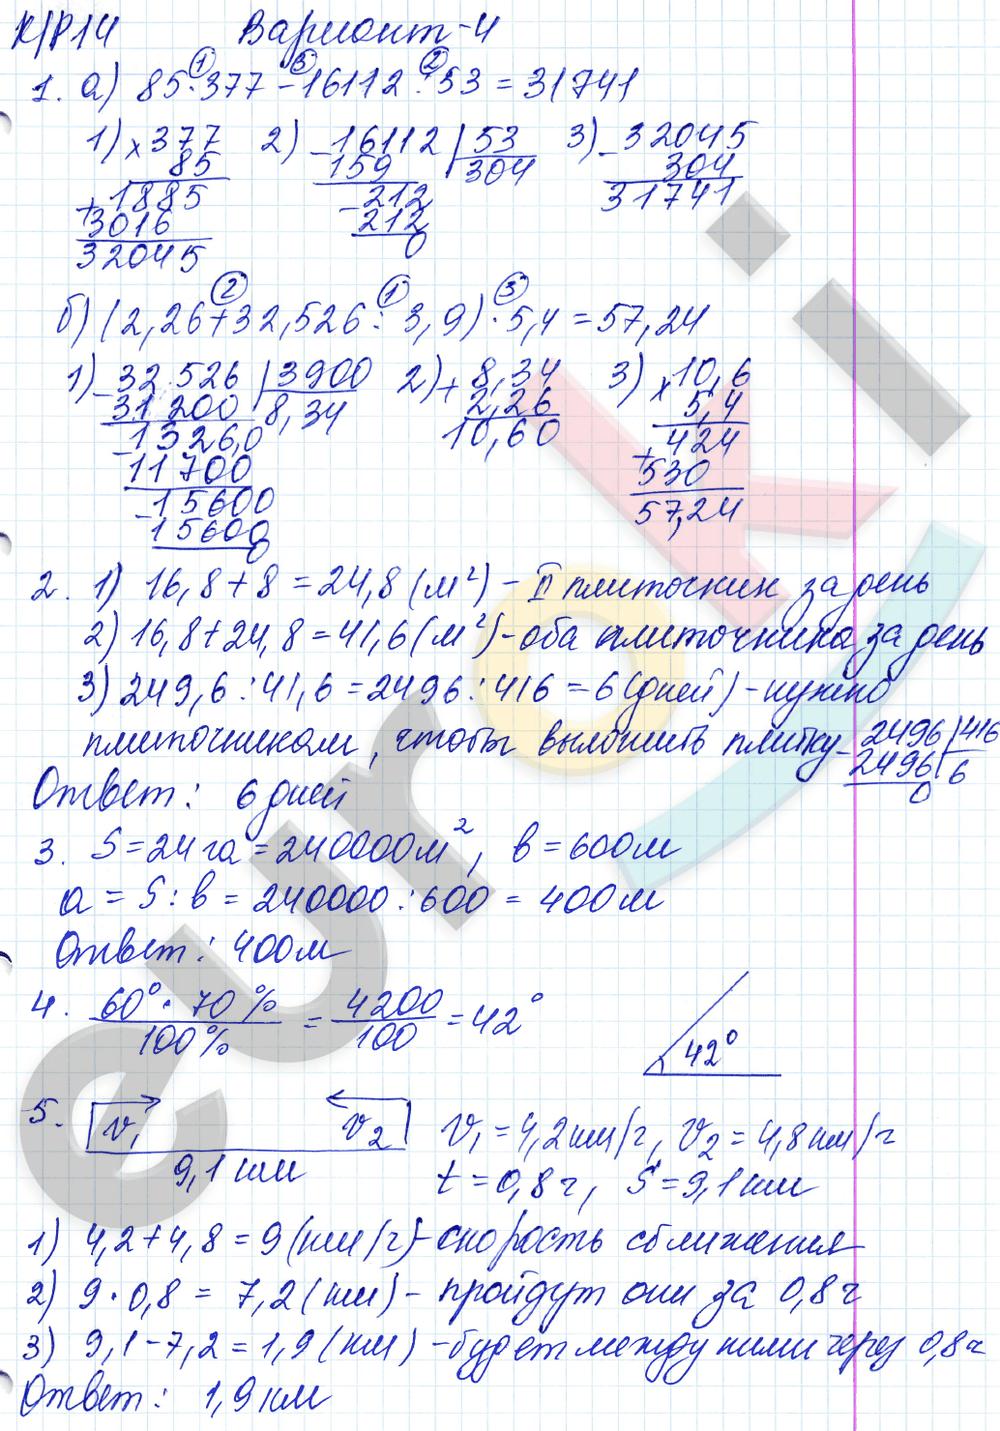 ГДЗ по математике 5 класс контрольные работы Дудницын, Кронгауз Экзамен ответы и решения онлайн КР-14. Итоговая контрольная работа. Задание: Вариант 4